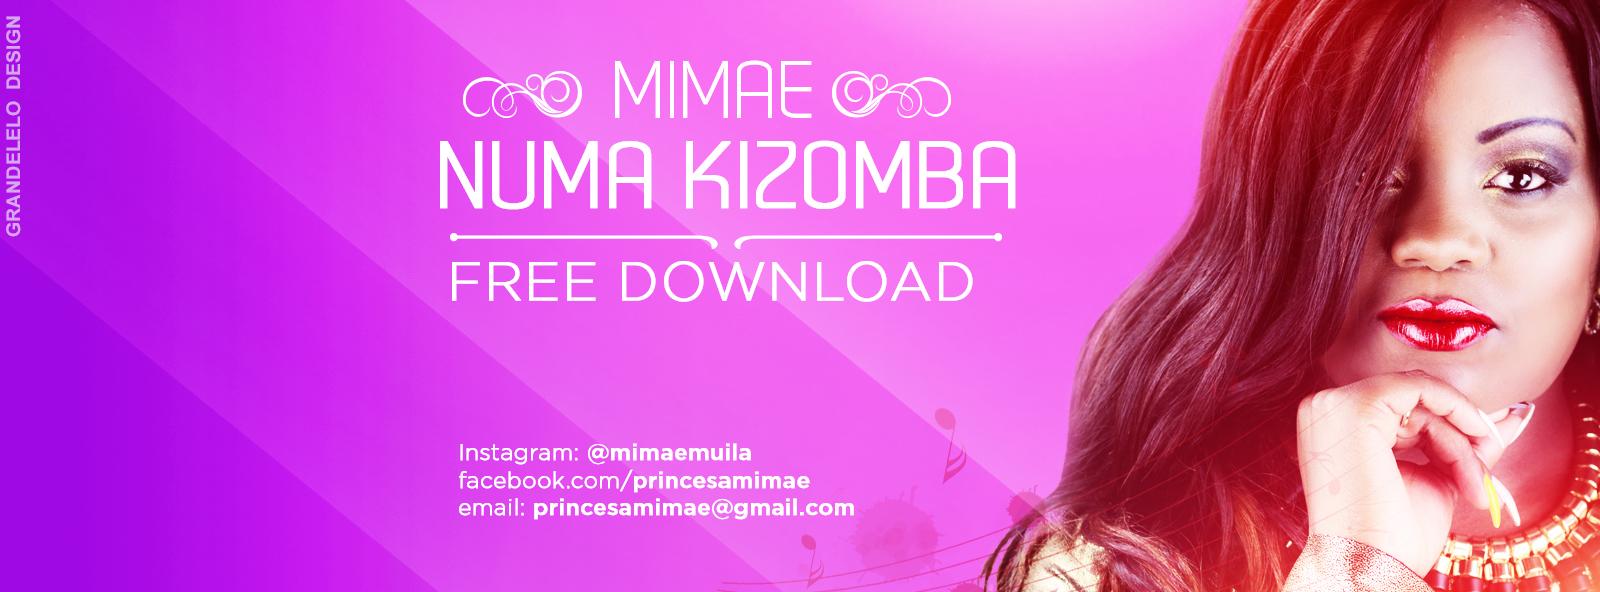 FB--Mimae---numa-kizomba2